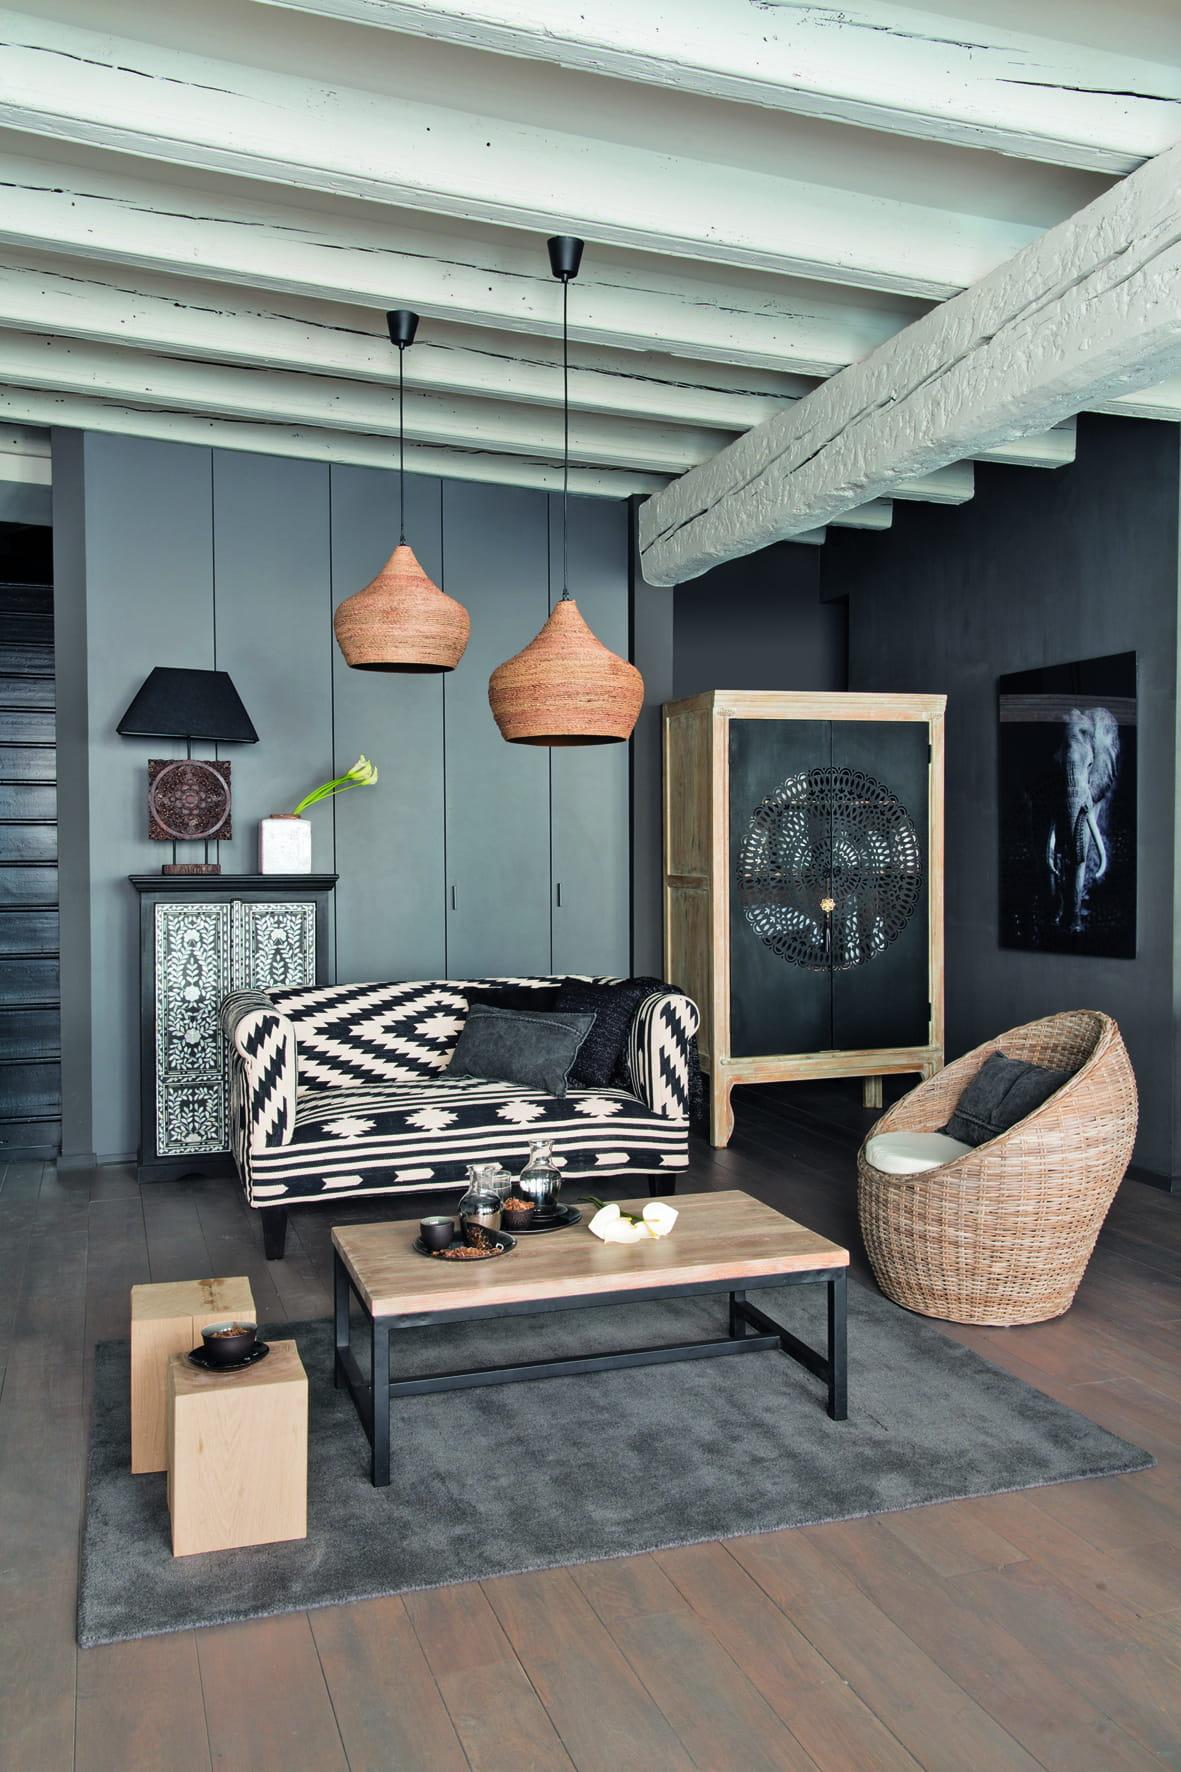 maison du monde magasin paris maison with maison du monde. Black Bedroom Furniture Sets. Home Design Ideas